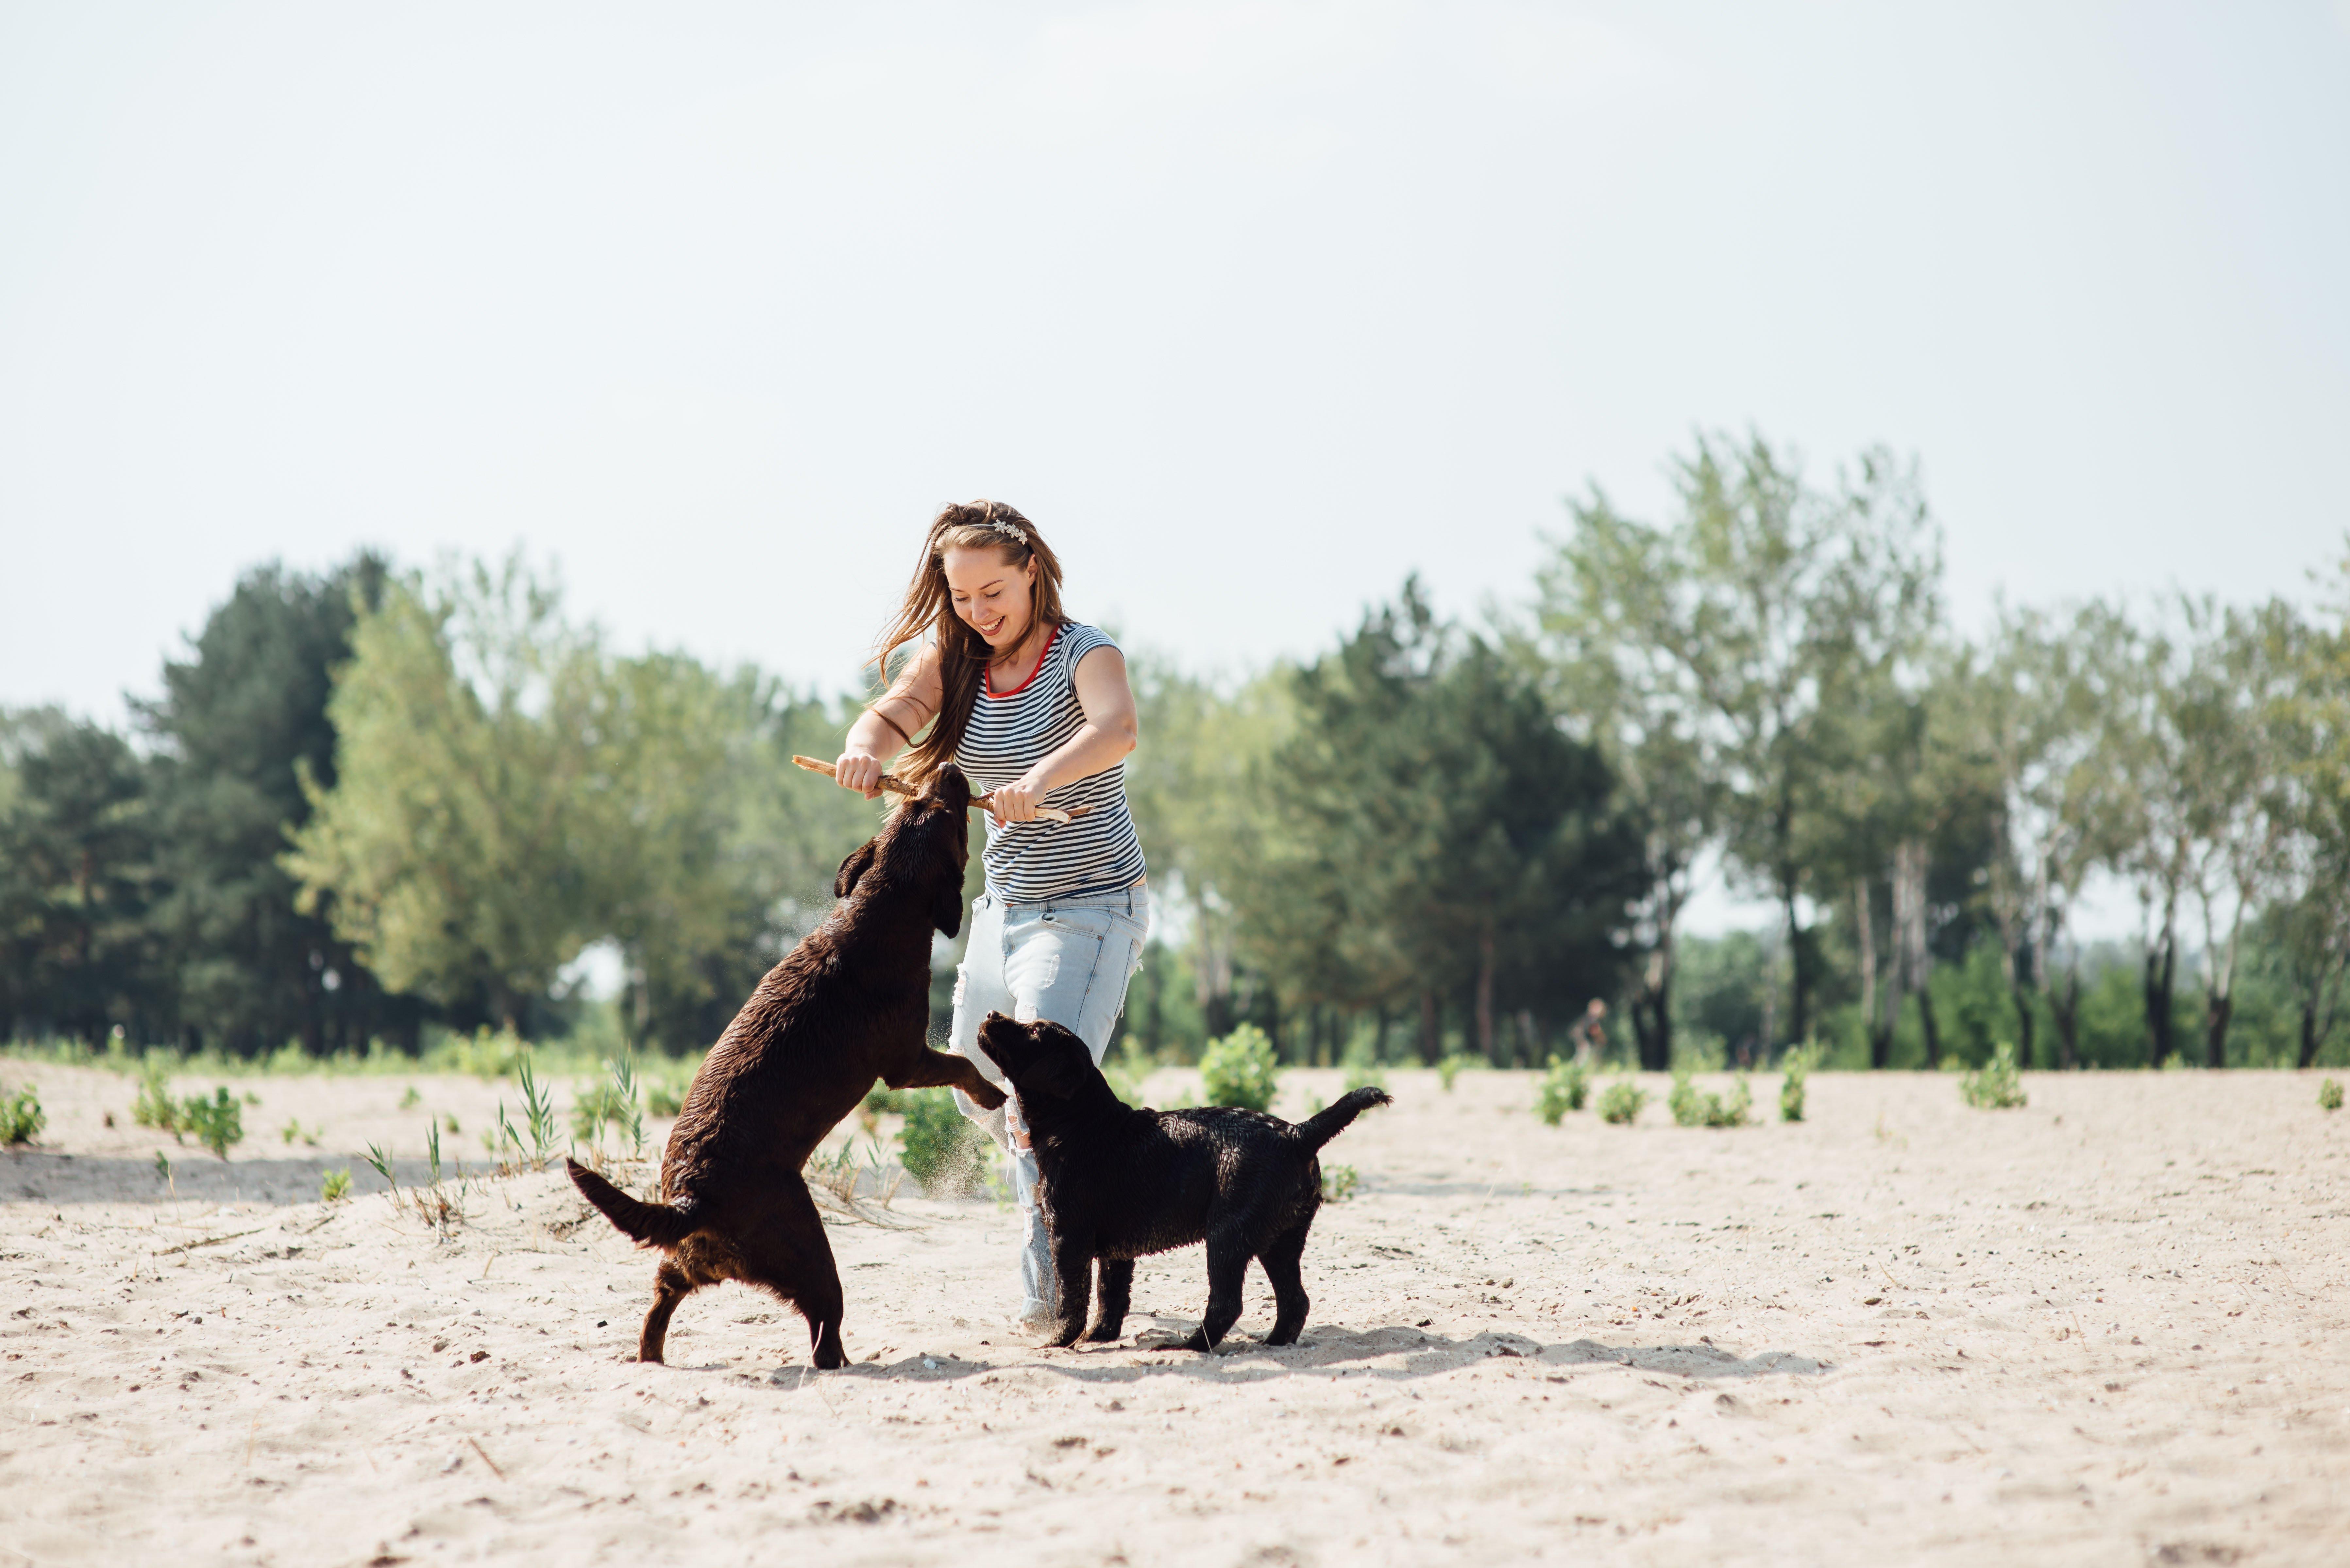 Hunde spielen mit Frau im Sand